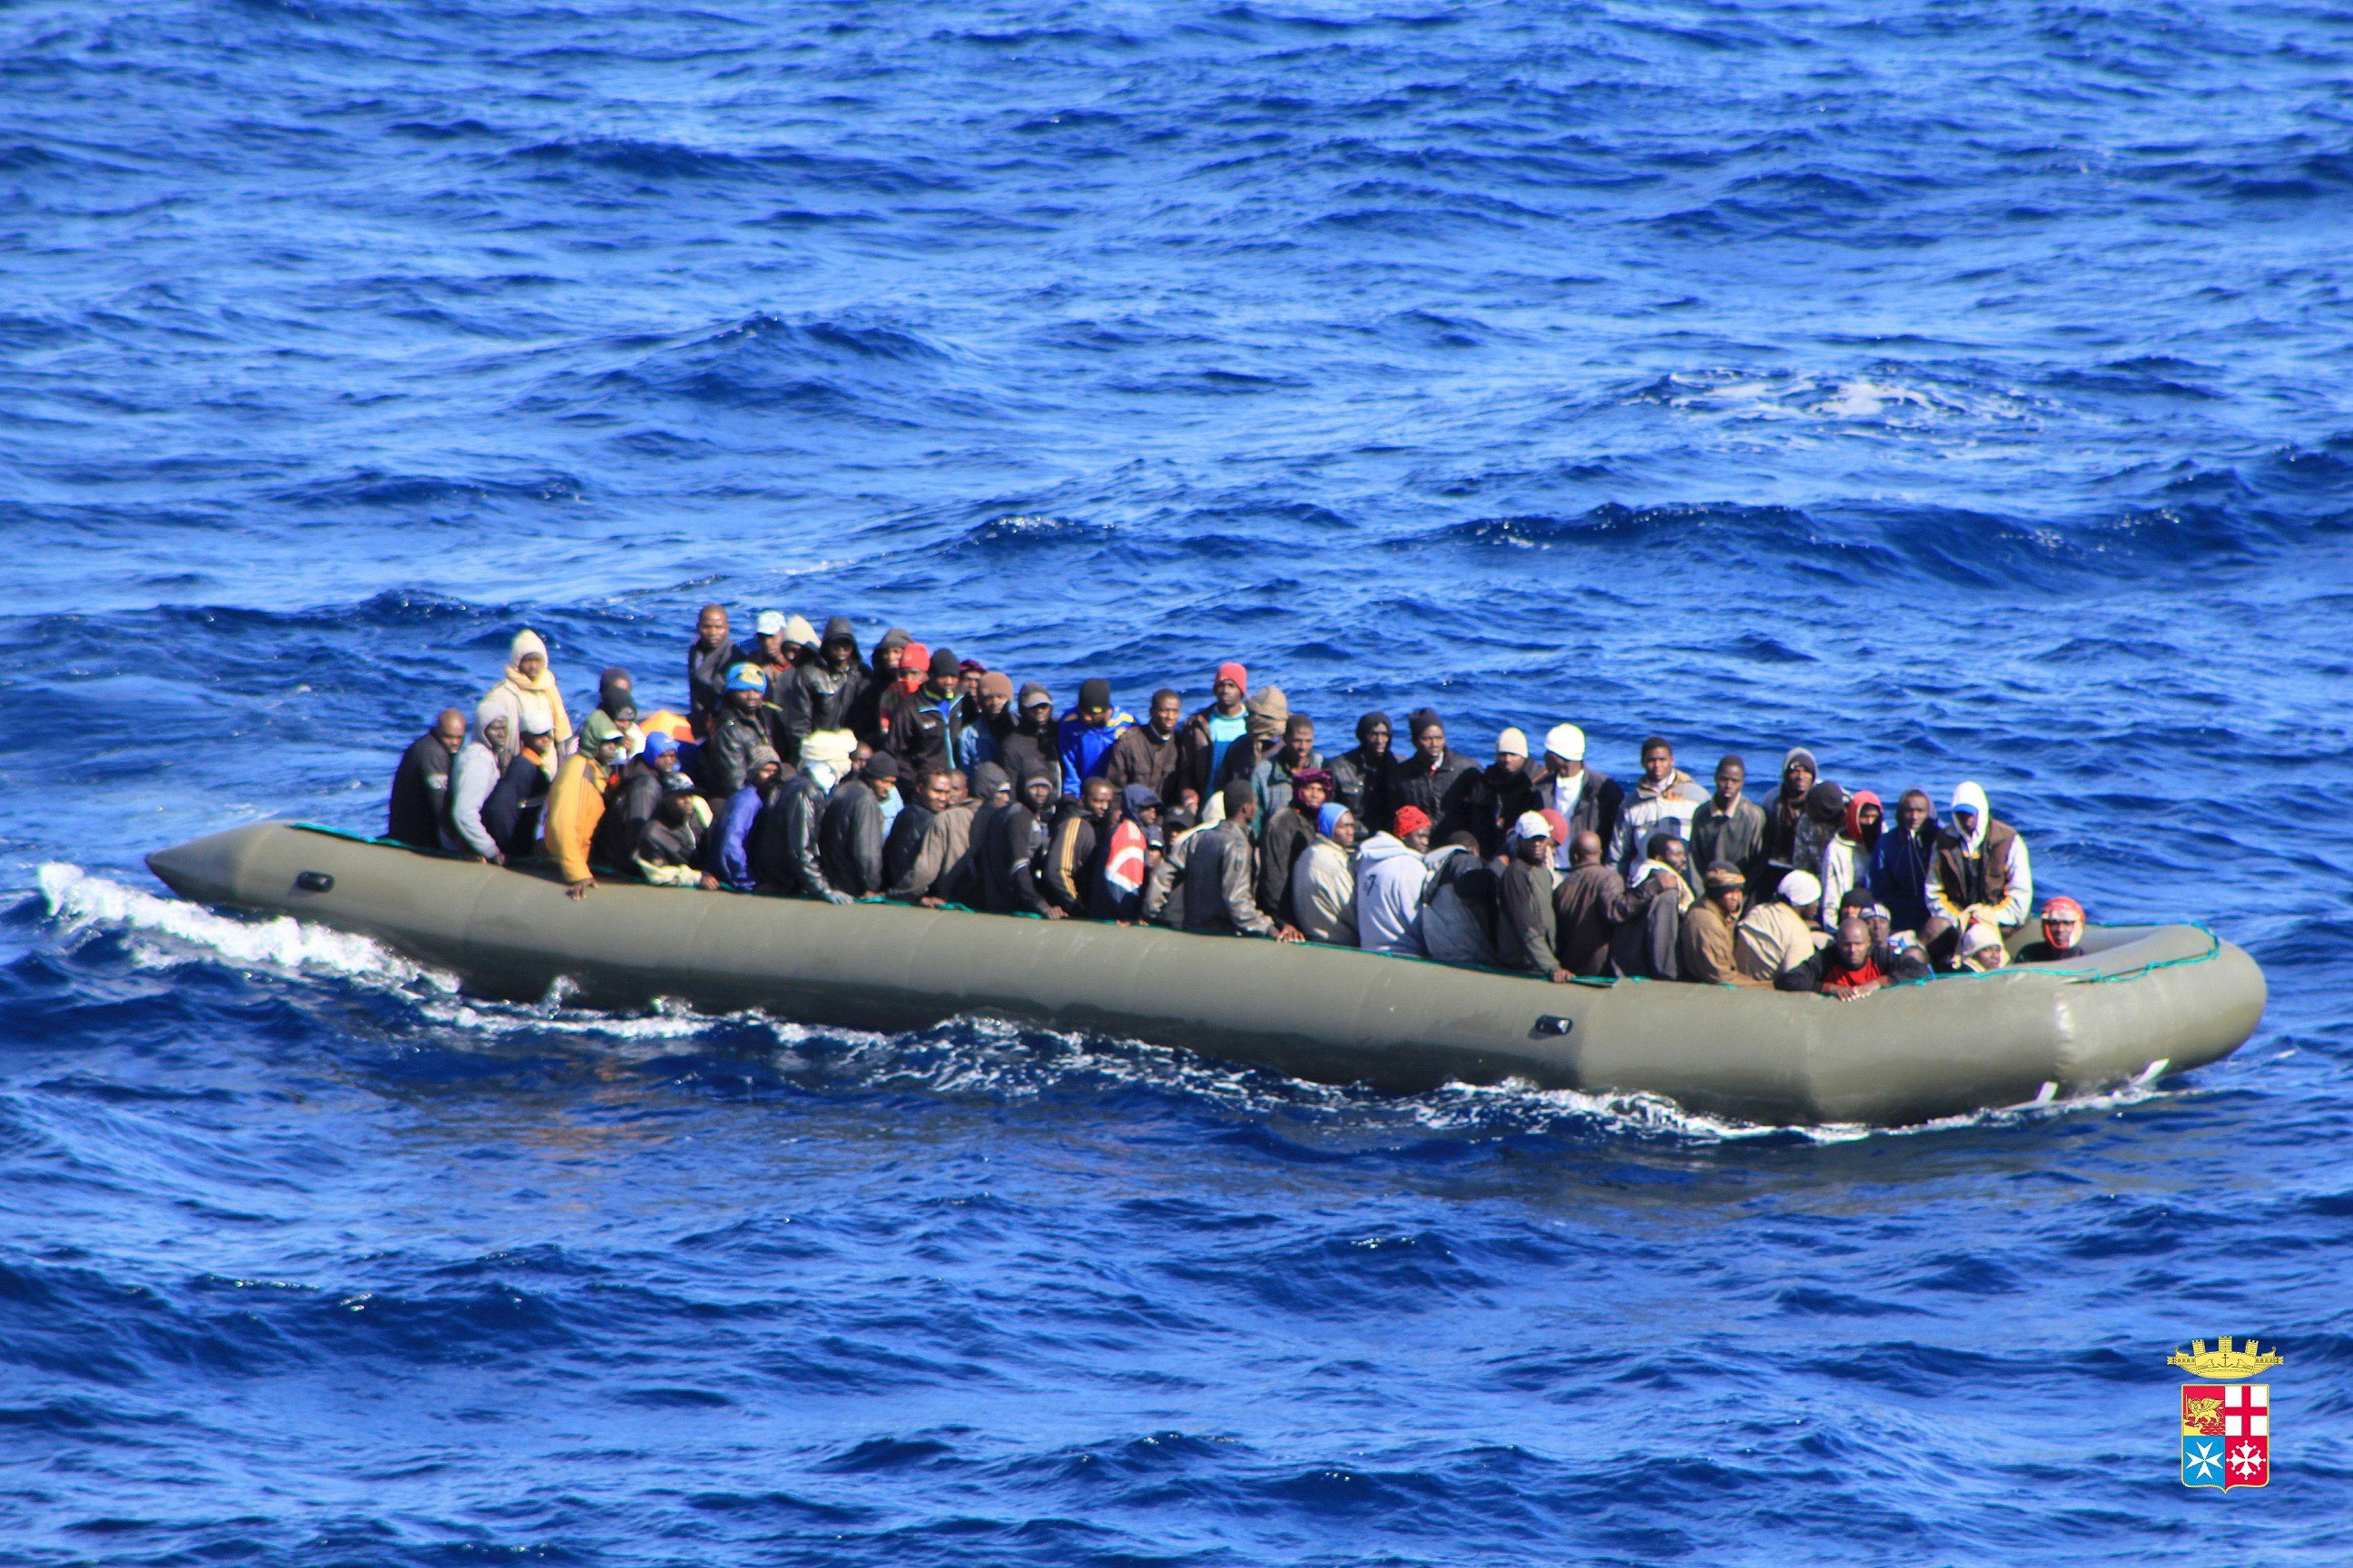 Selon les chiffres de l'OIM, 44 % des migrants qui sont entrés en Grèce depuis janvier 2016 sont de nationalité syrienne.